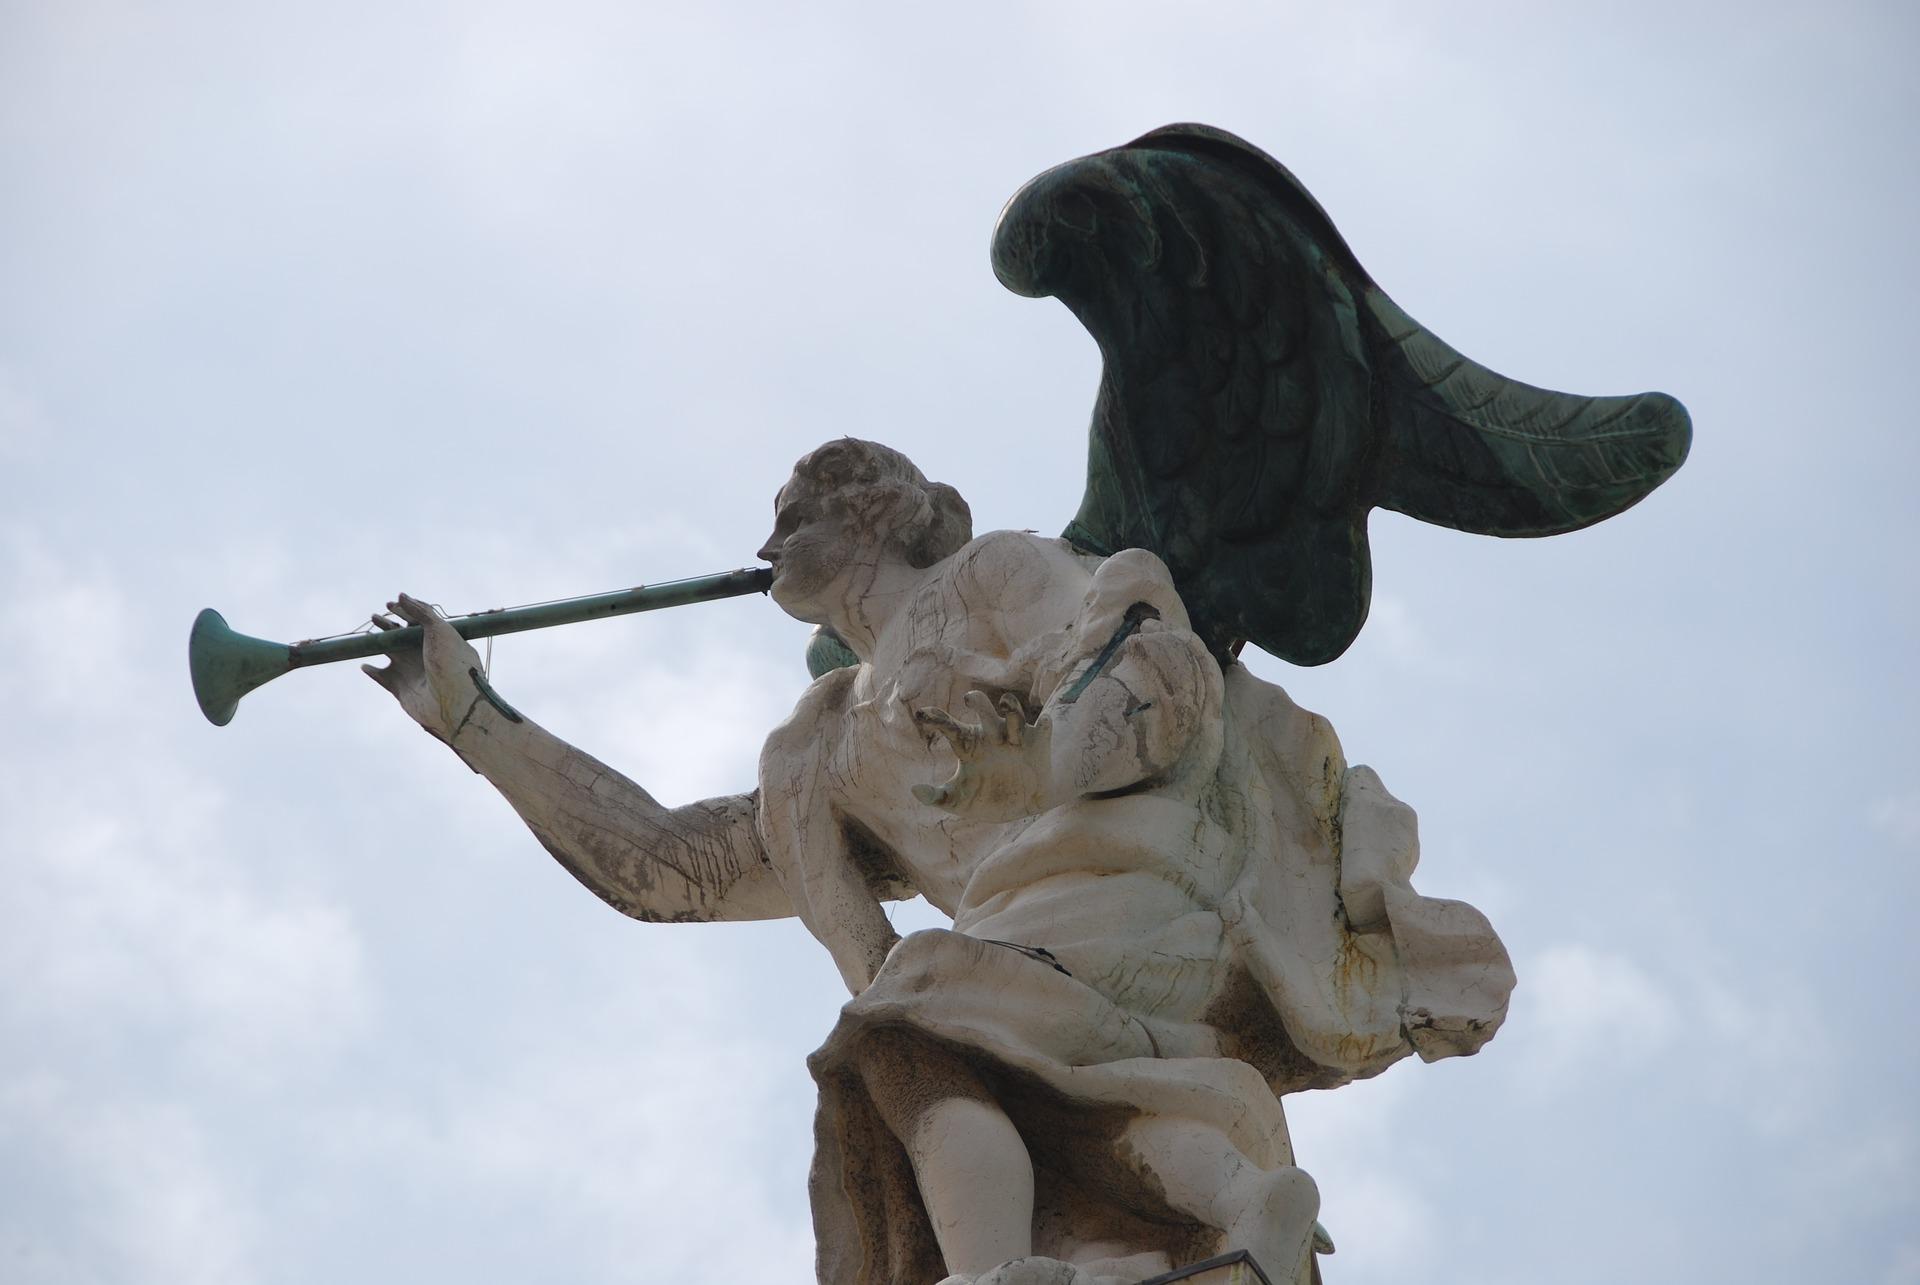 statue-1840806_1920